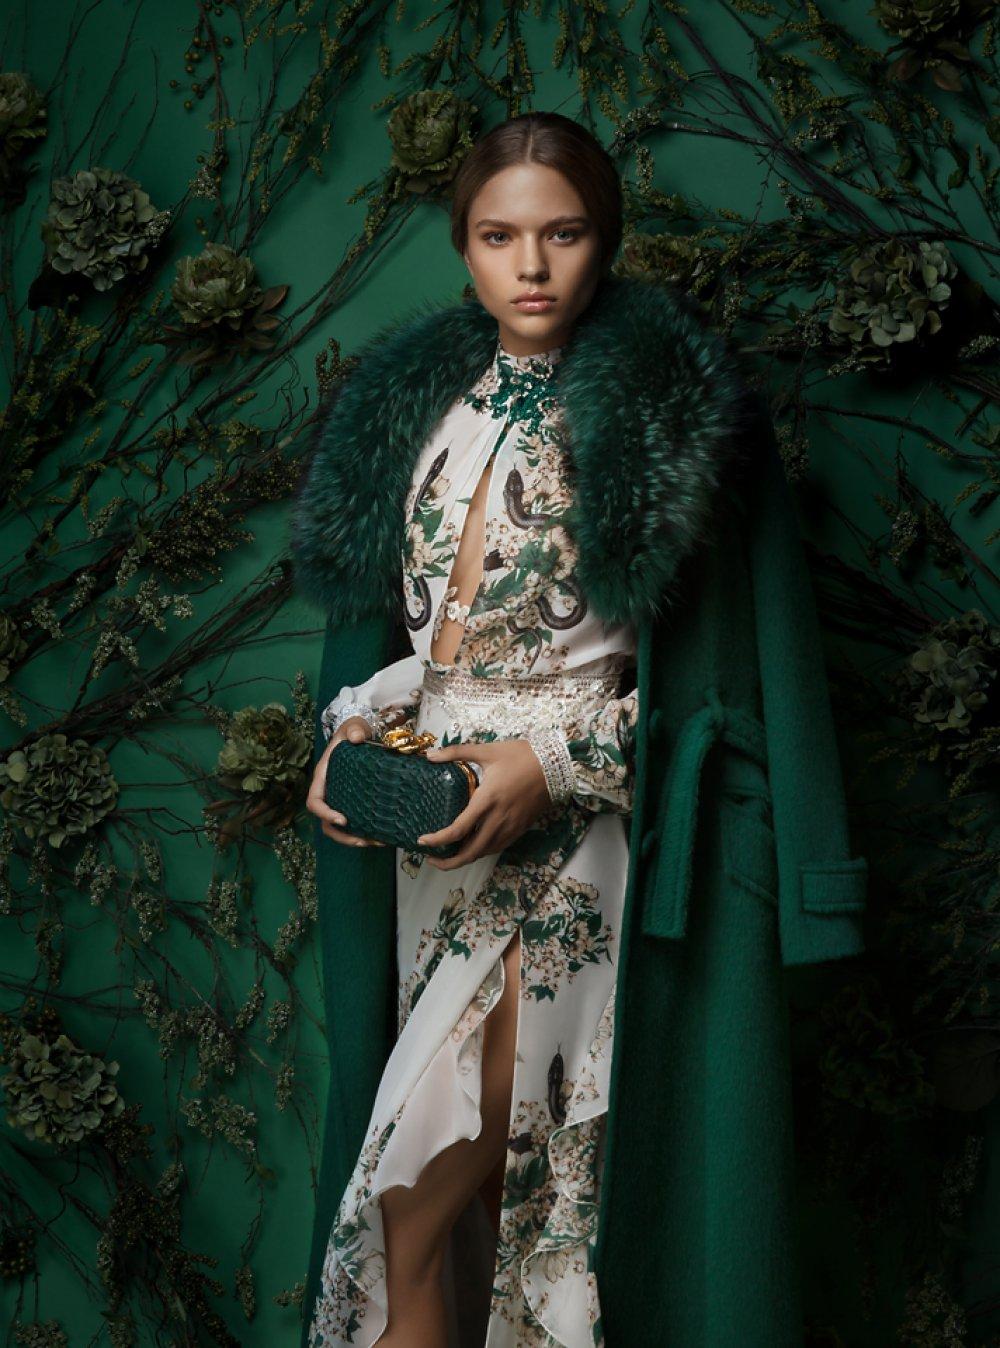 fashioneditorial-4665-2.jpg